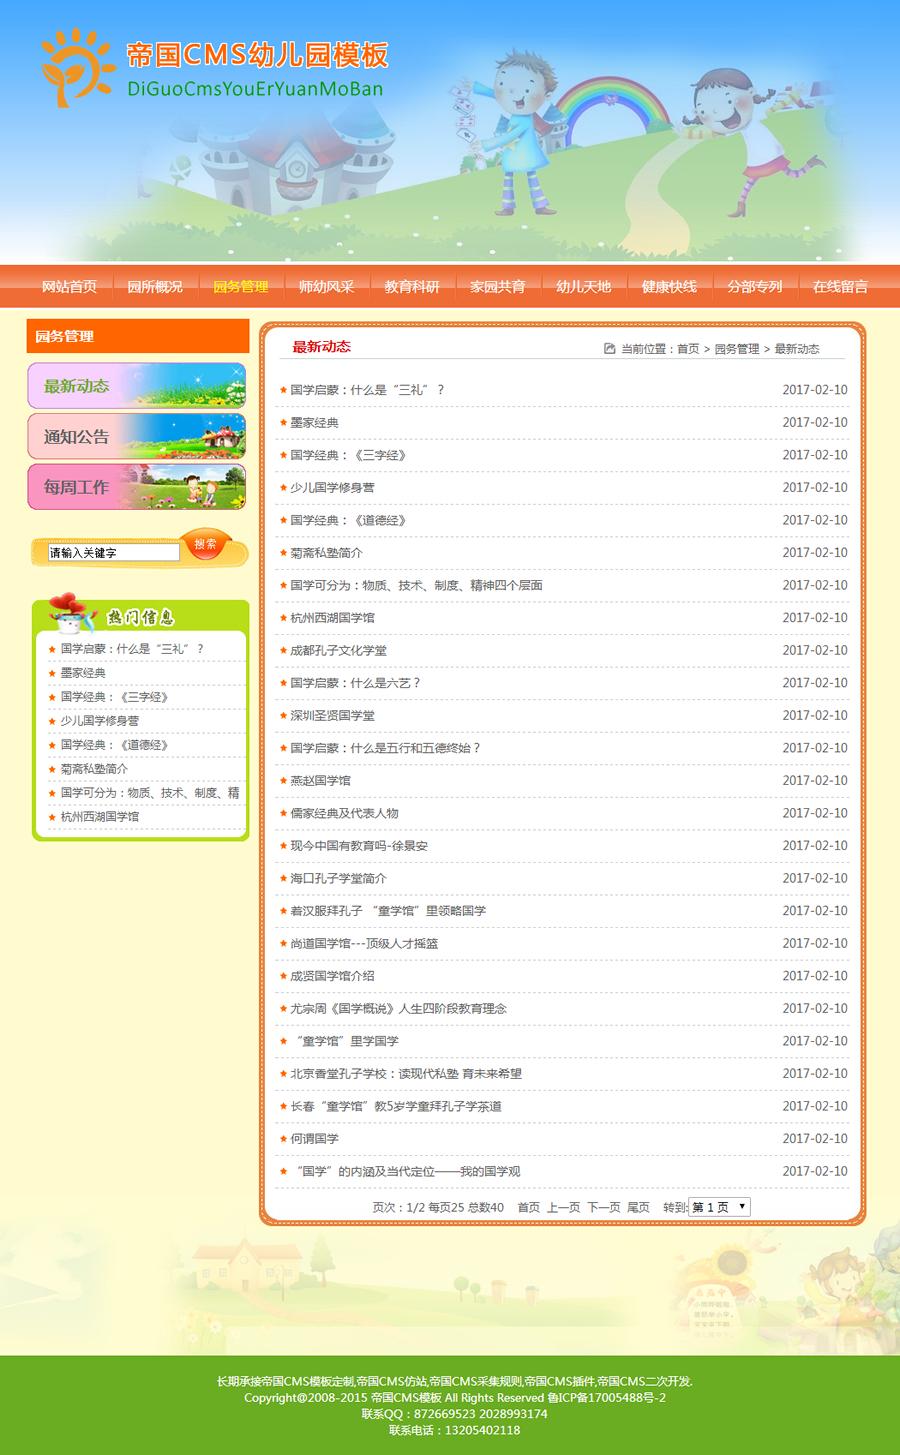 帝国幼儿园学校网站cms模板_文章列表